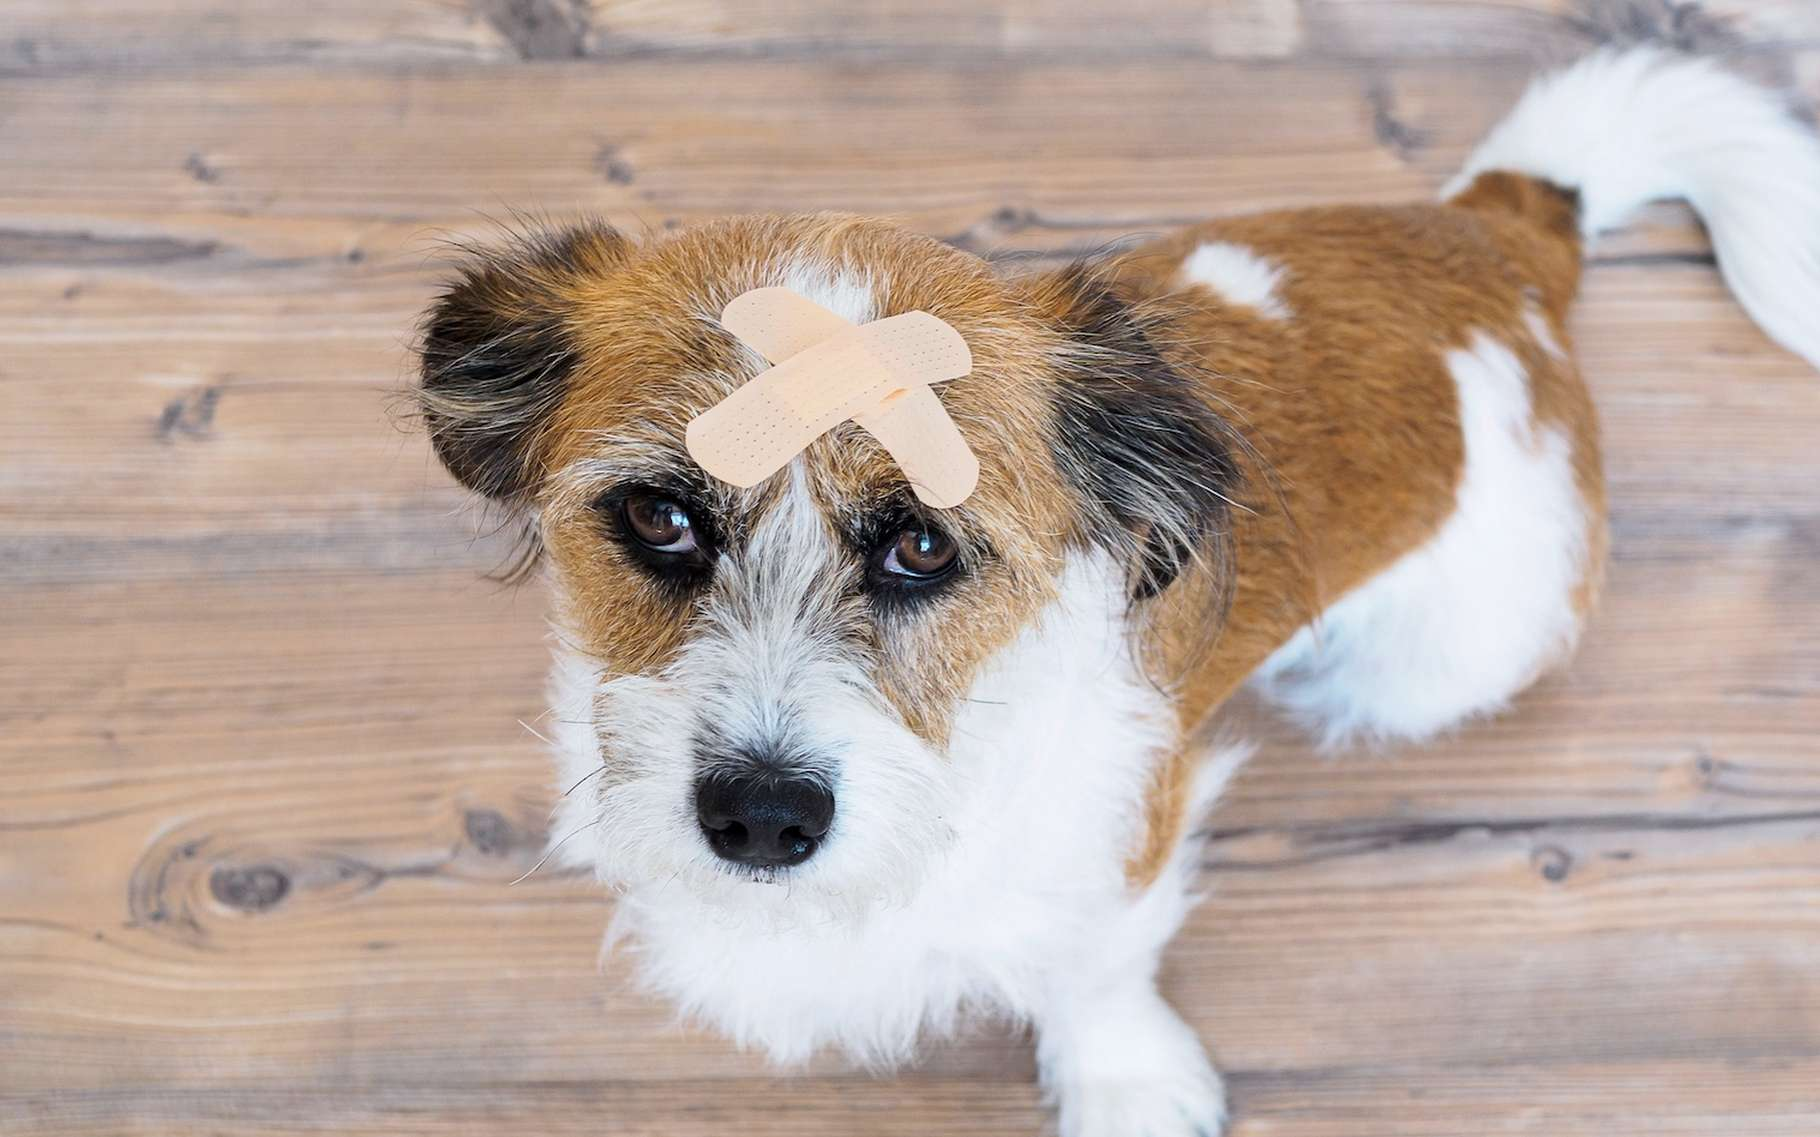 Si vous partagez votre vie avec un animal, chien ou chat, vous aurez peut-être envie d'apprendre quelques gestes de premiers secours animaliers. © Sonja, Adobe Stock